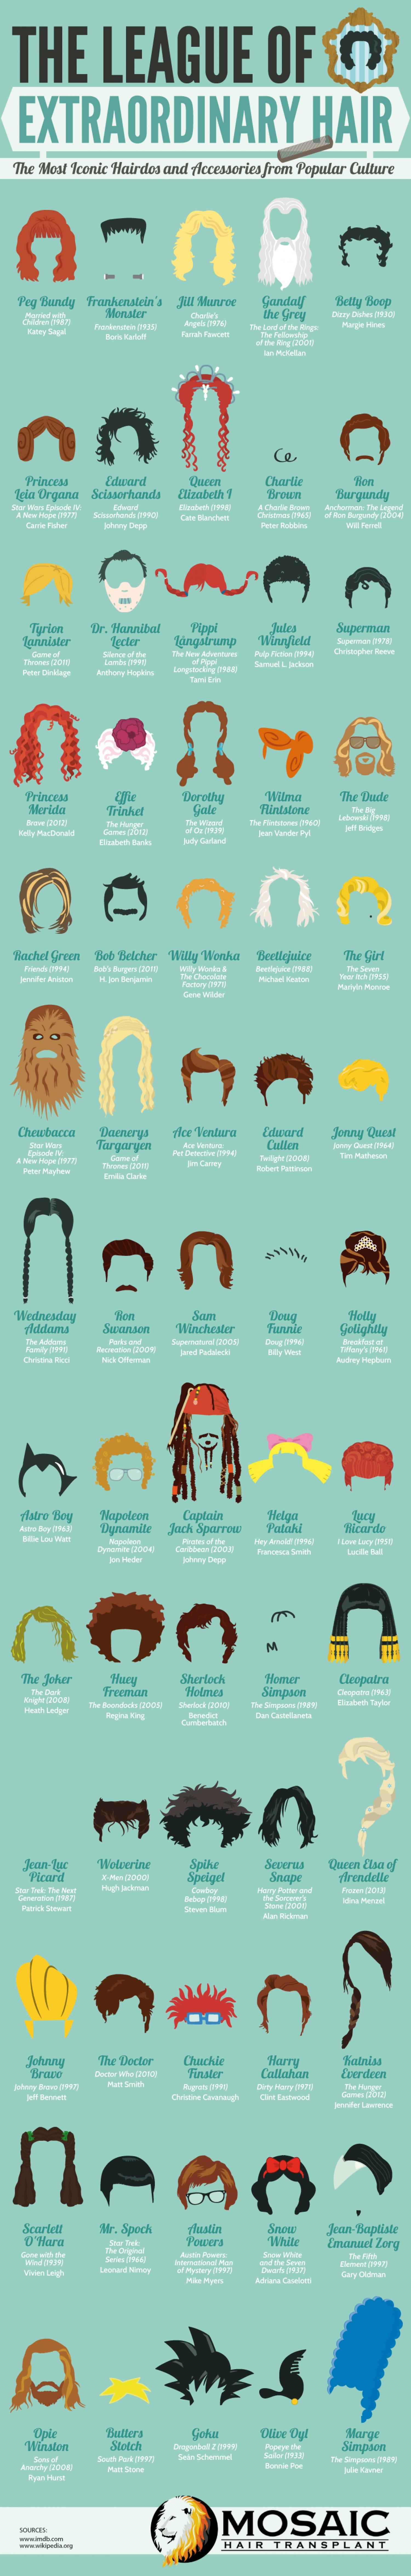 personajes-de-la-cultura-pop-son-identificados-por-su-peinado-1